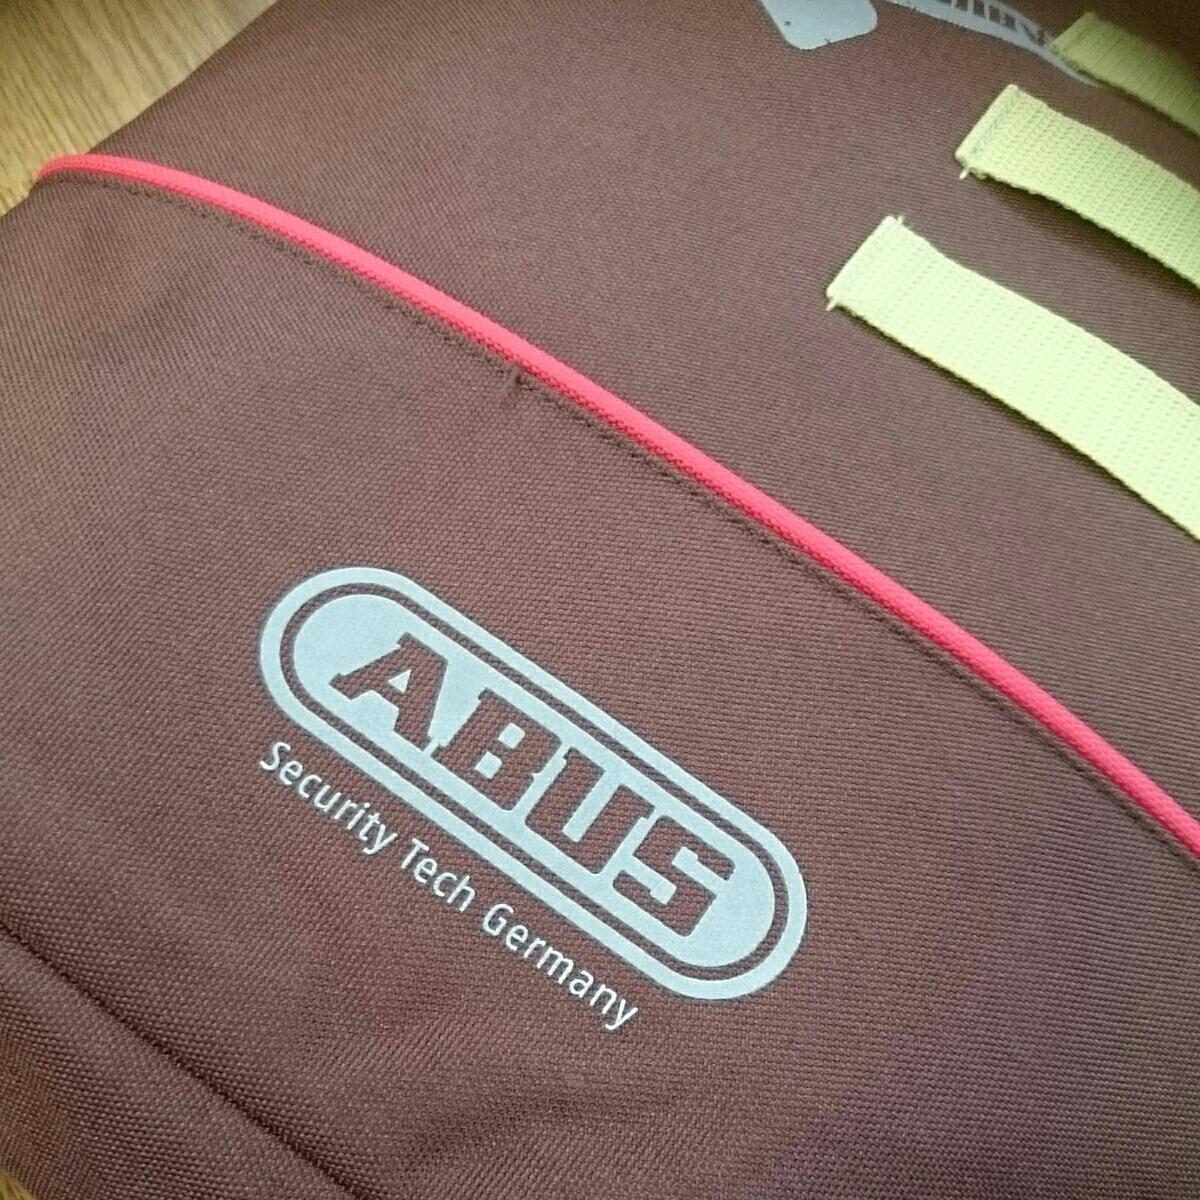 ABUS メッセンジャーバッグ 未使用品 防水 雨の日も問題なし 日焼け少しあります。_画像2